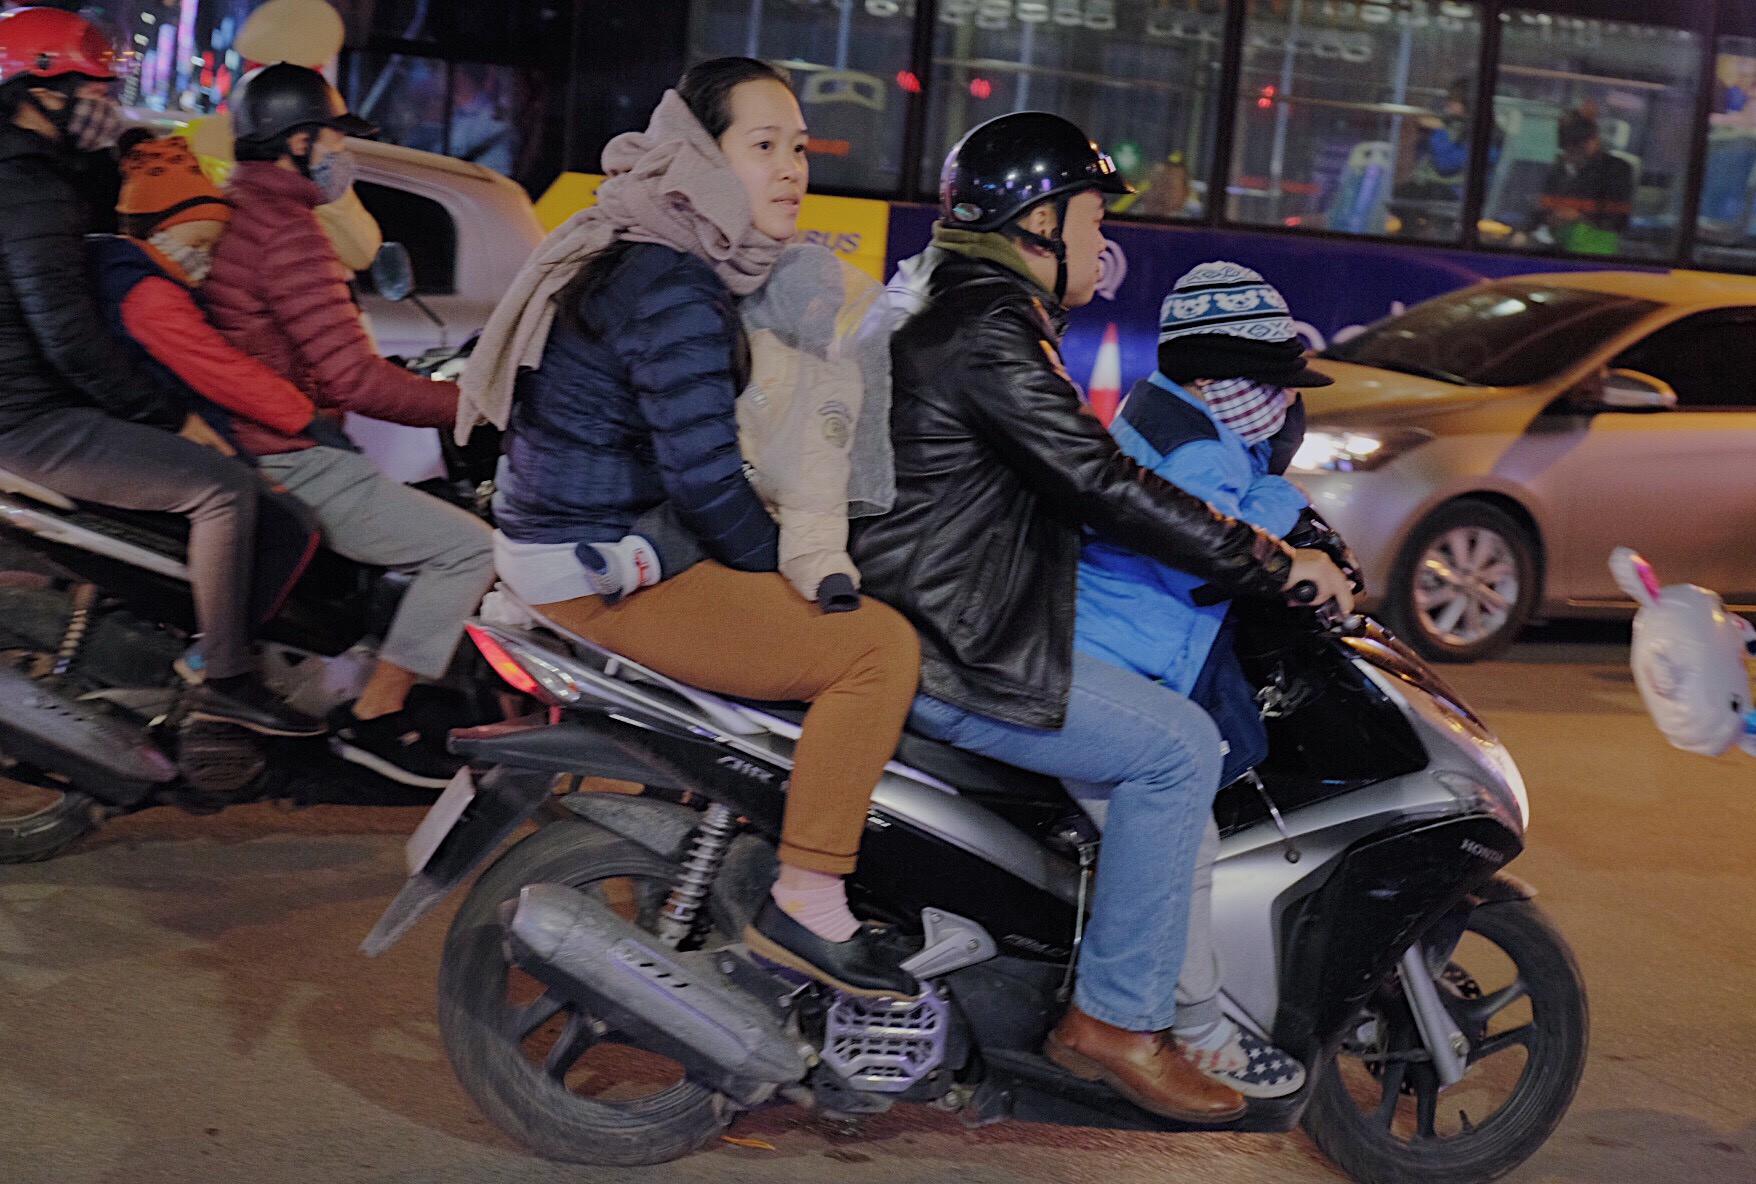 Hà Nội: Chùm ảnh nhiều người quên đội mũ bảo hiểm, kẹp 3 kẹp 4 đi chơi Giao thừa - Ảnh 5.